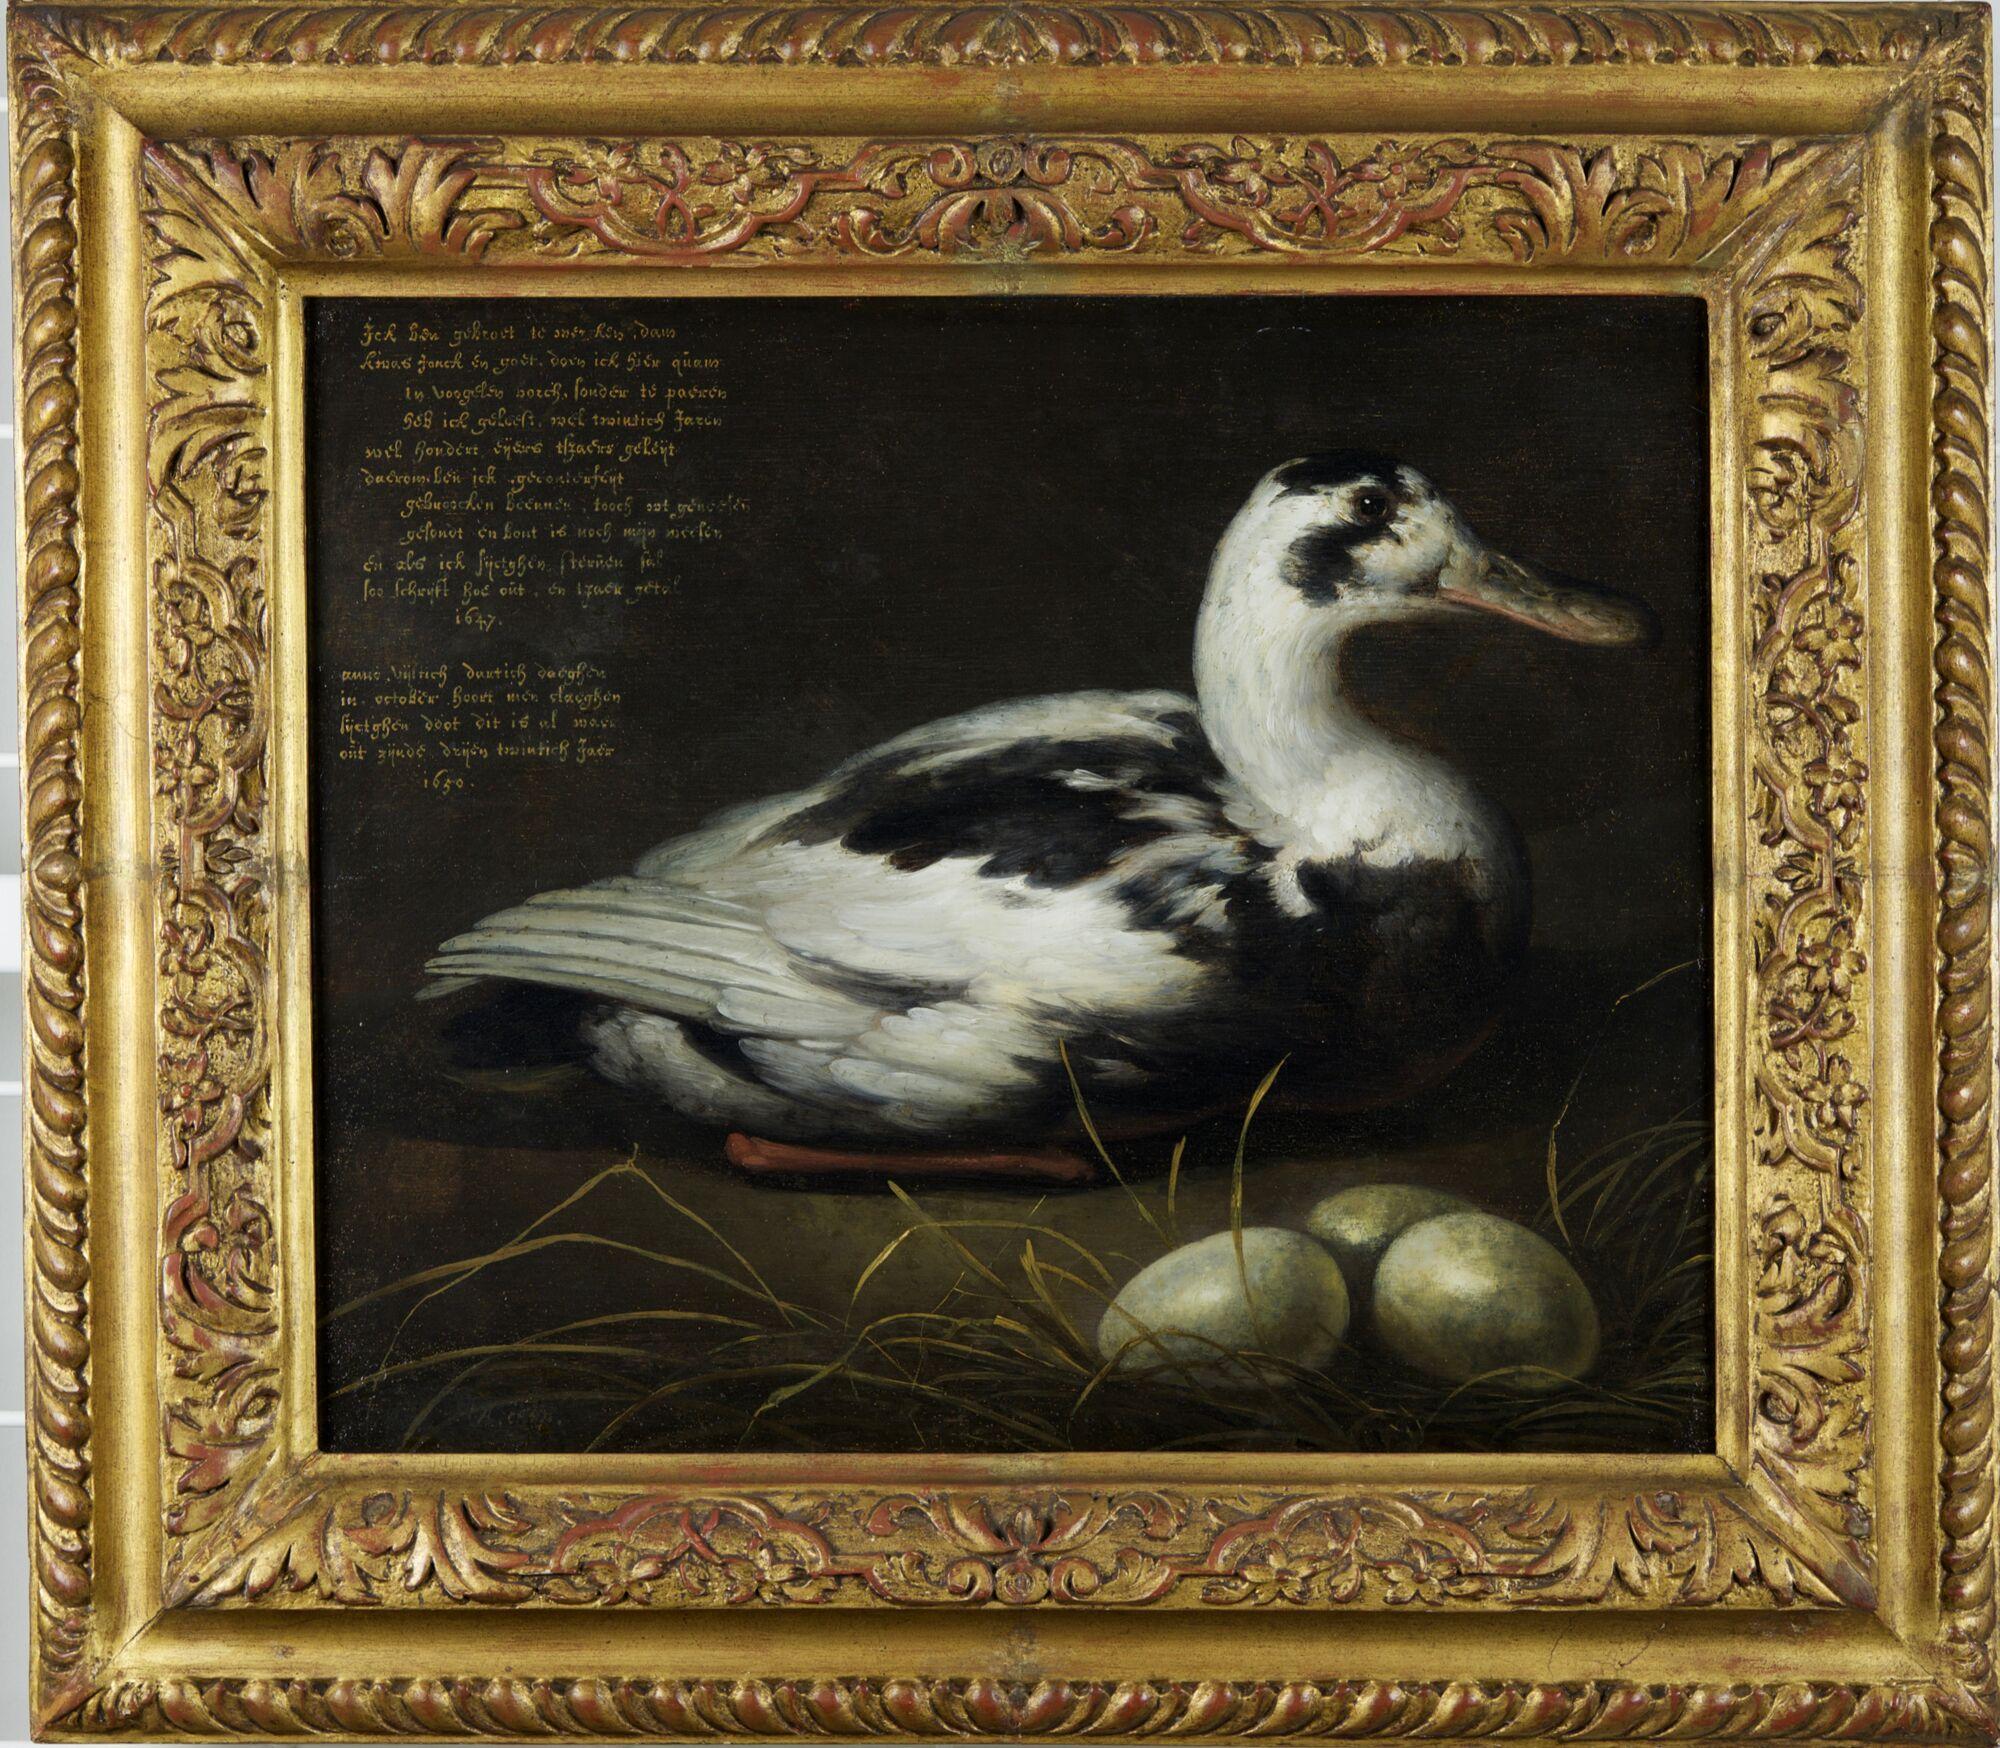 2 AgeRembrandt-AelbertCuyp-PortraitOfThe20YearOldDuck-1647